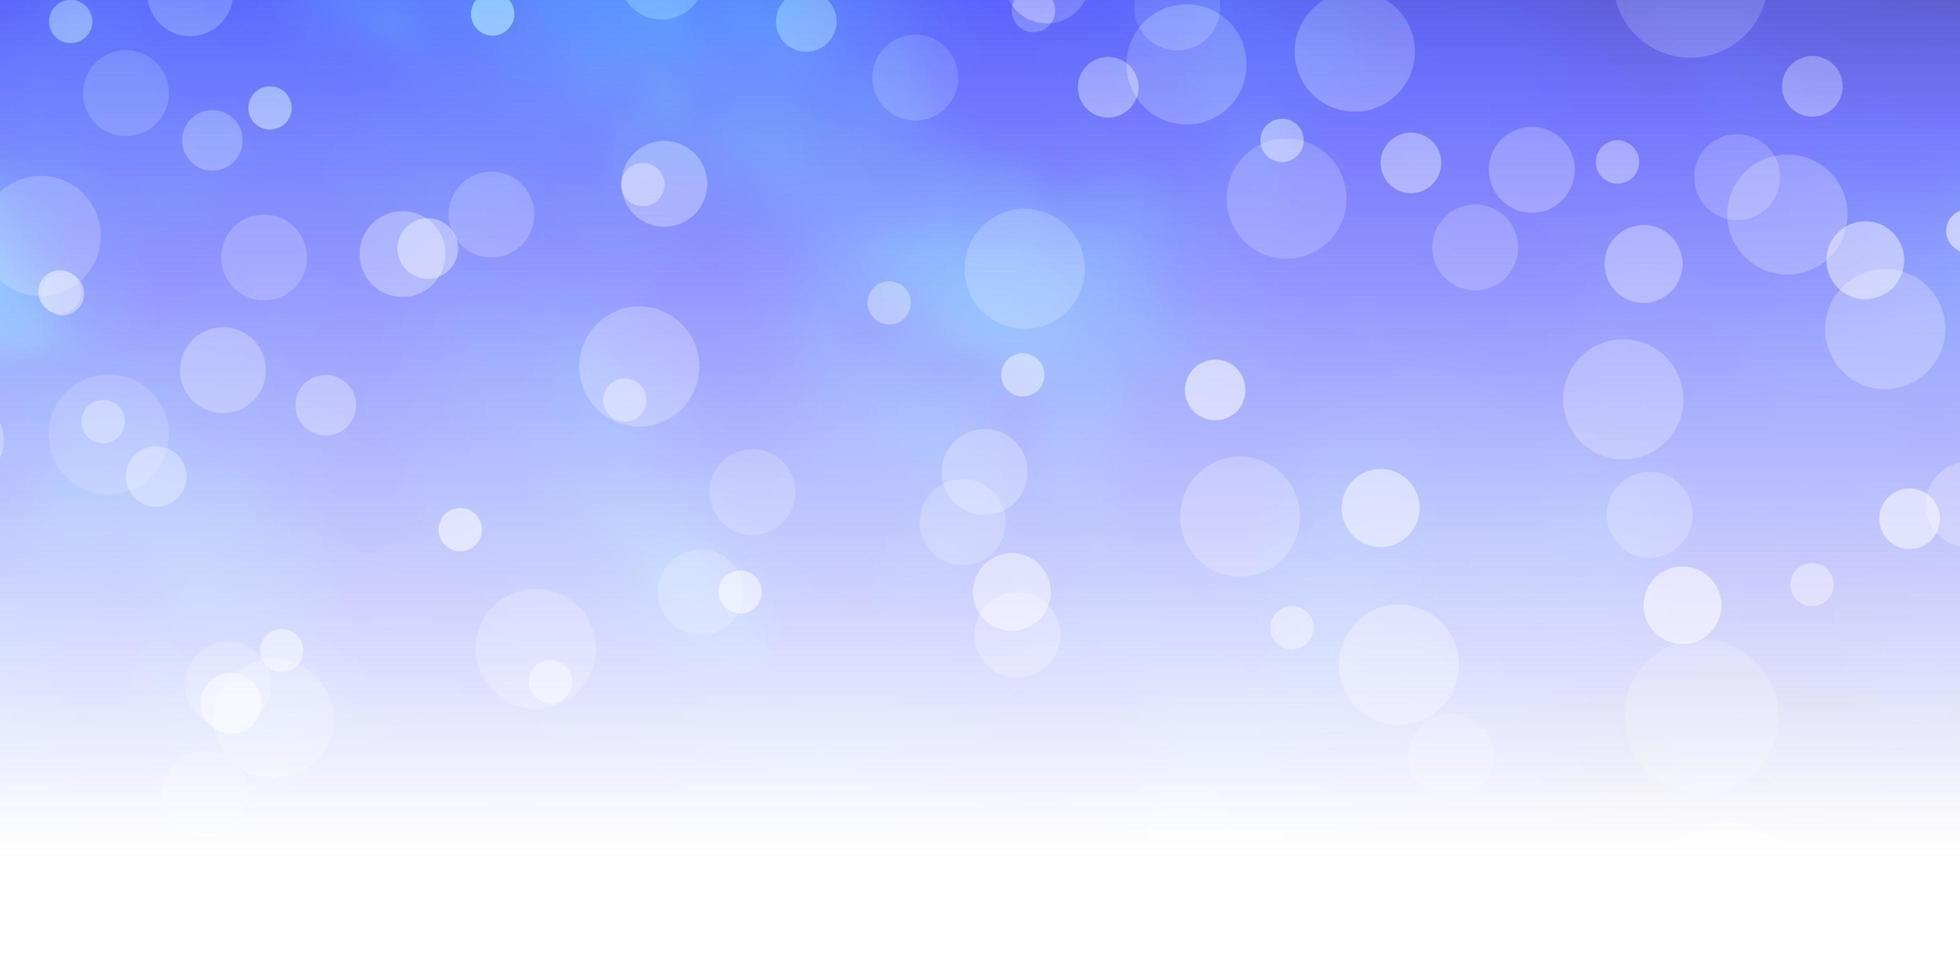 disposition de vecteur bleu foncé avec des cercles.